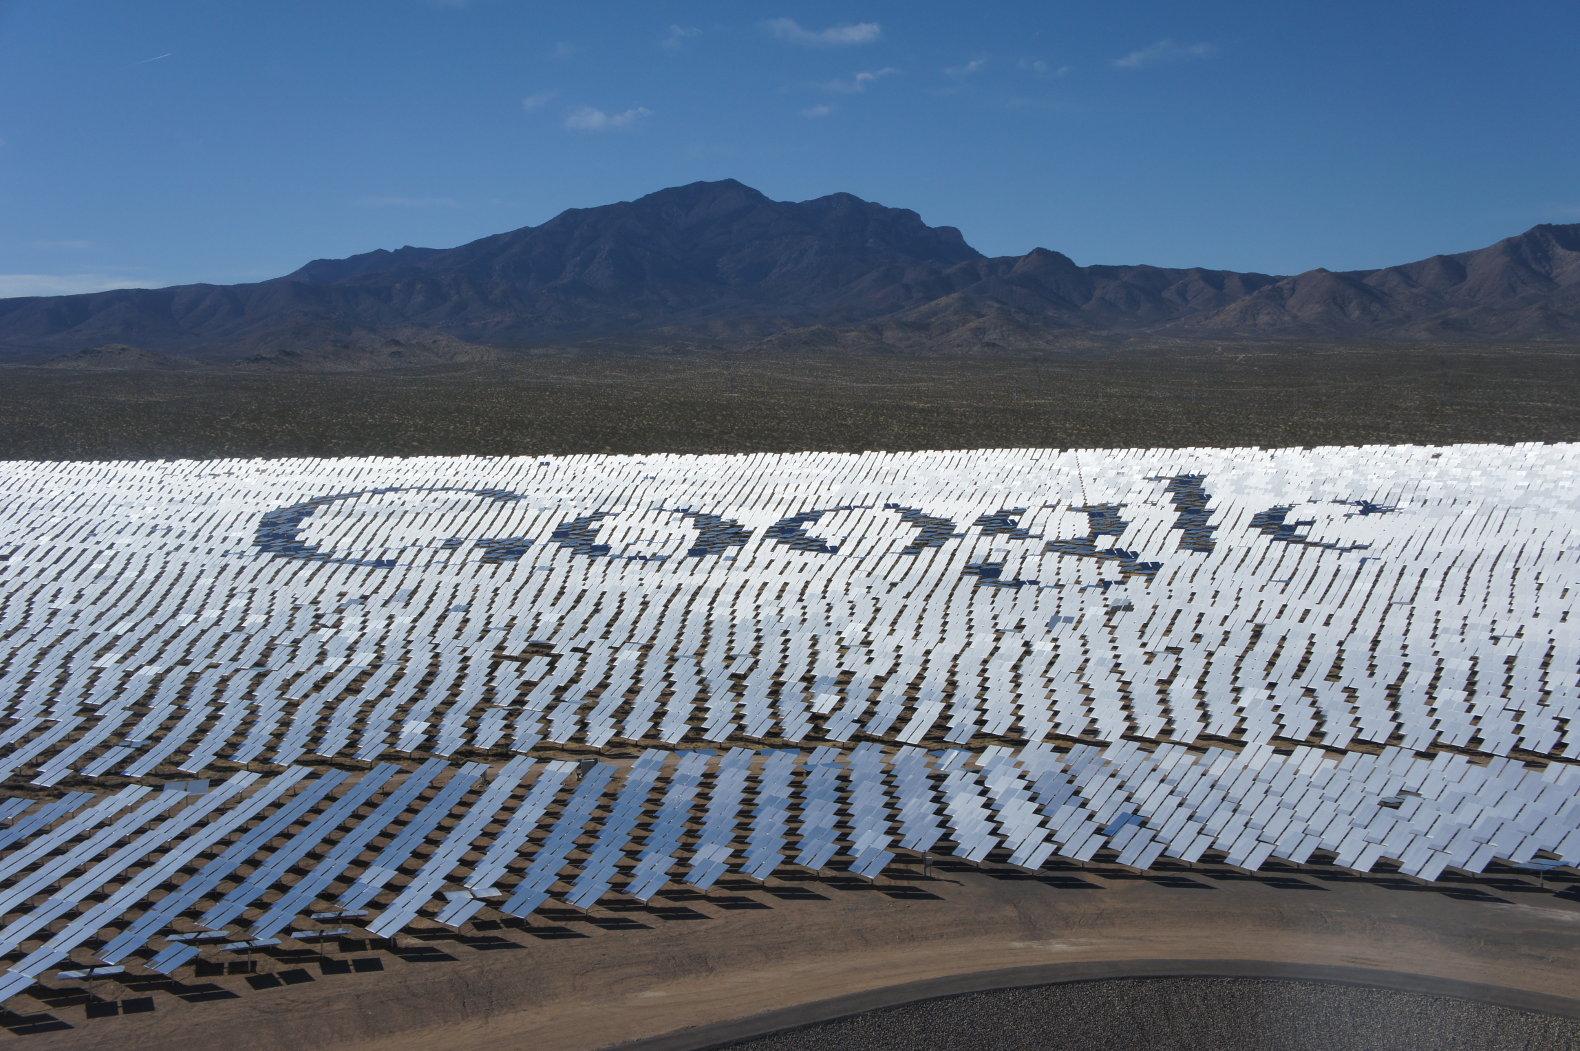 Google-ն ամբողջովին անցում է կատարում վերականգնվող էներգիայի